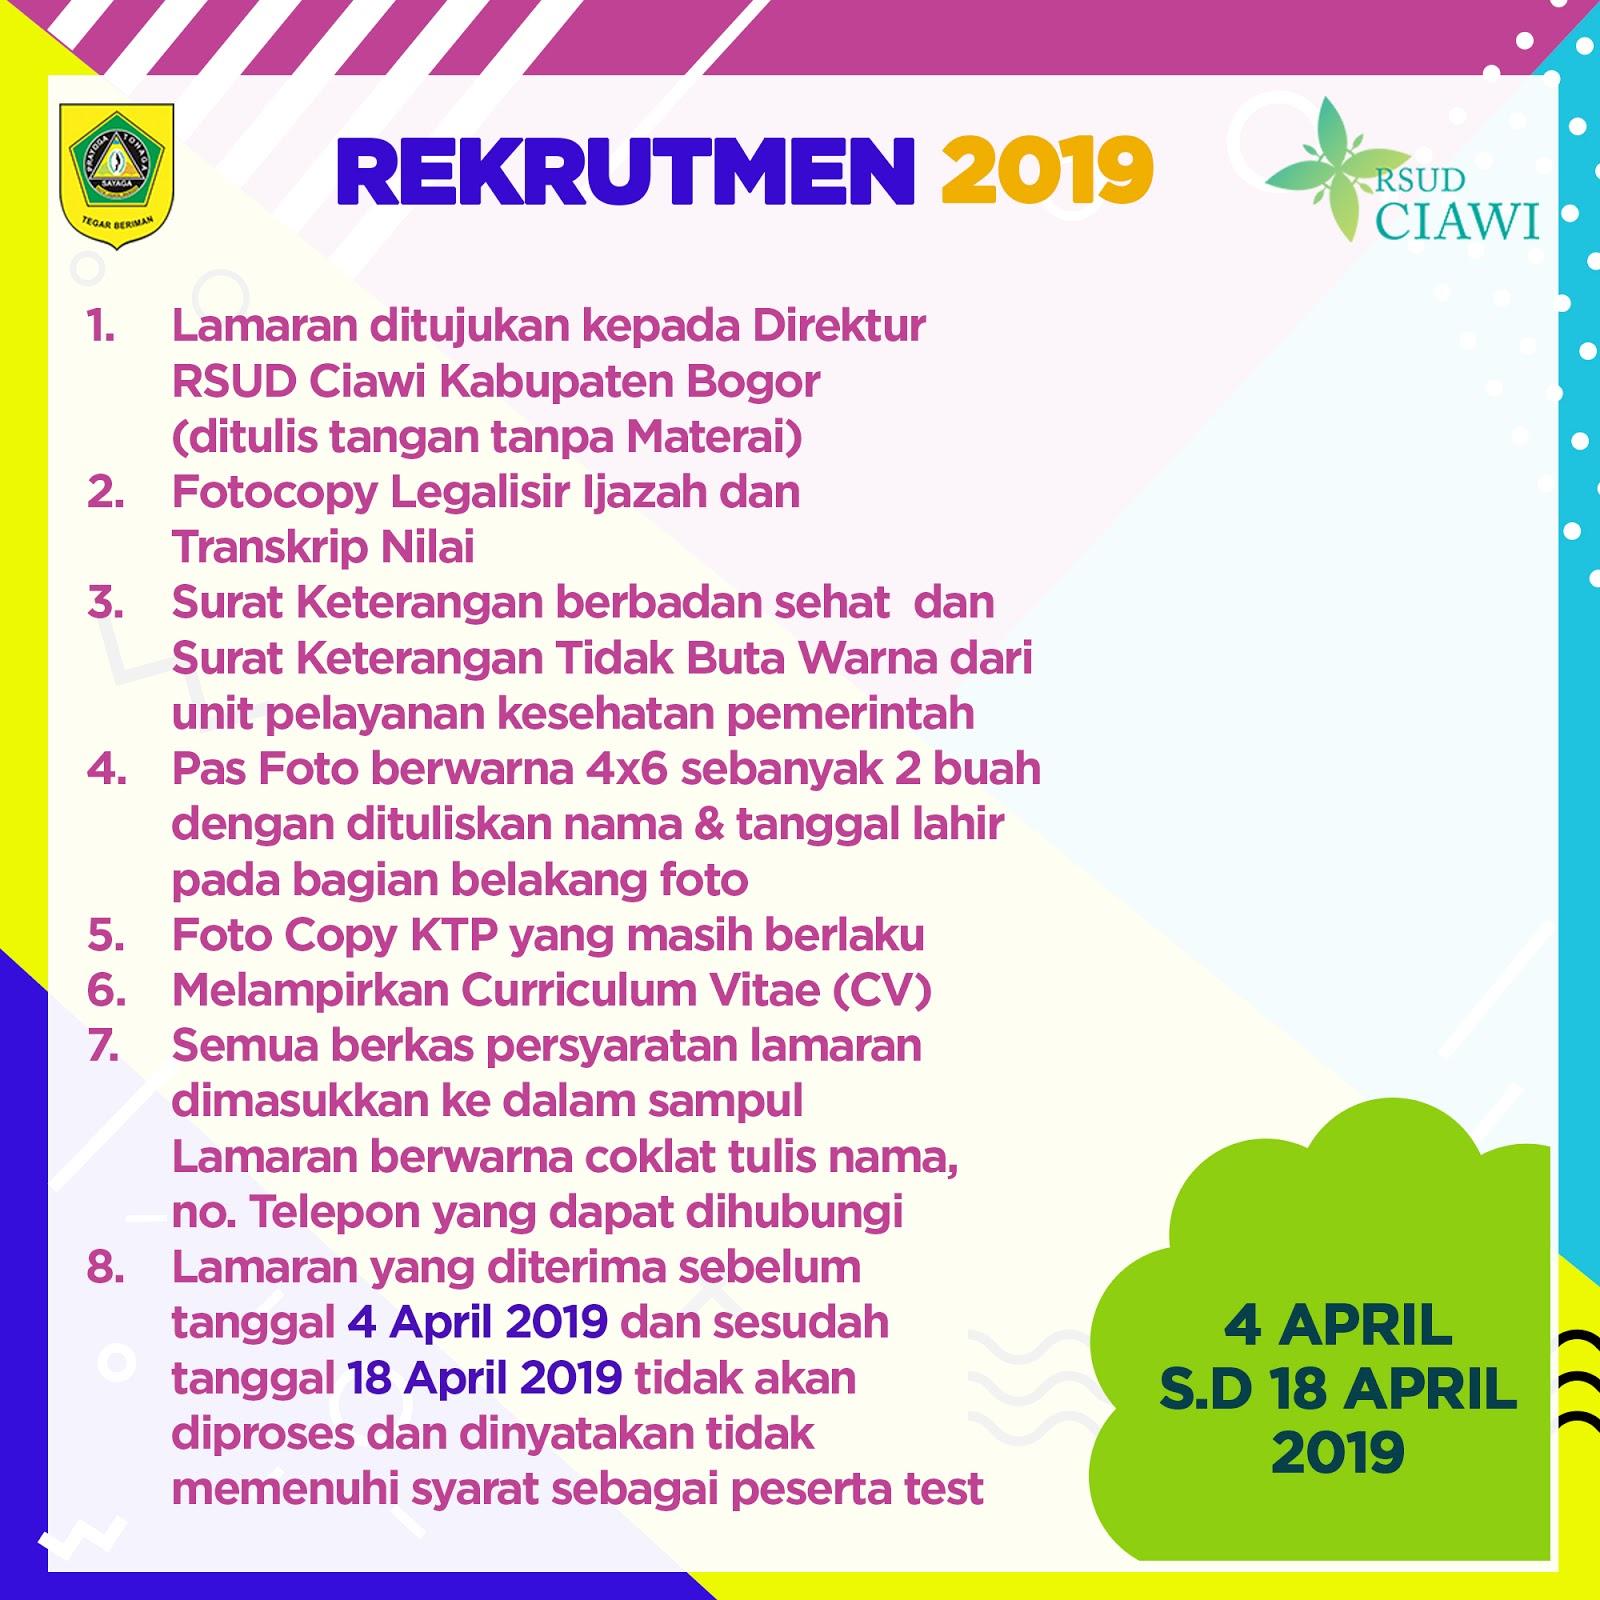 Lowongan Kerja Lowongan Kerja Rsud Ciawi Bogor April 2019